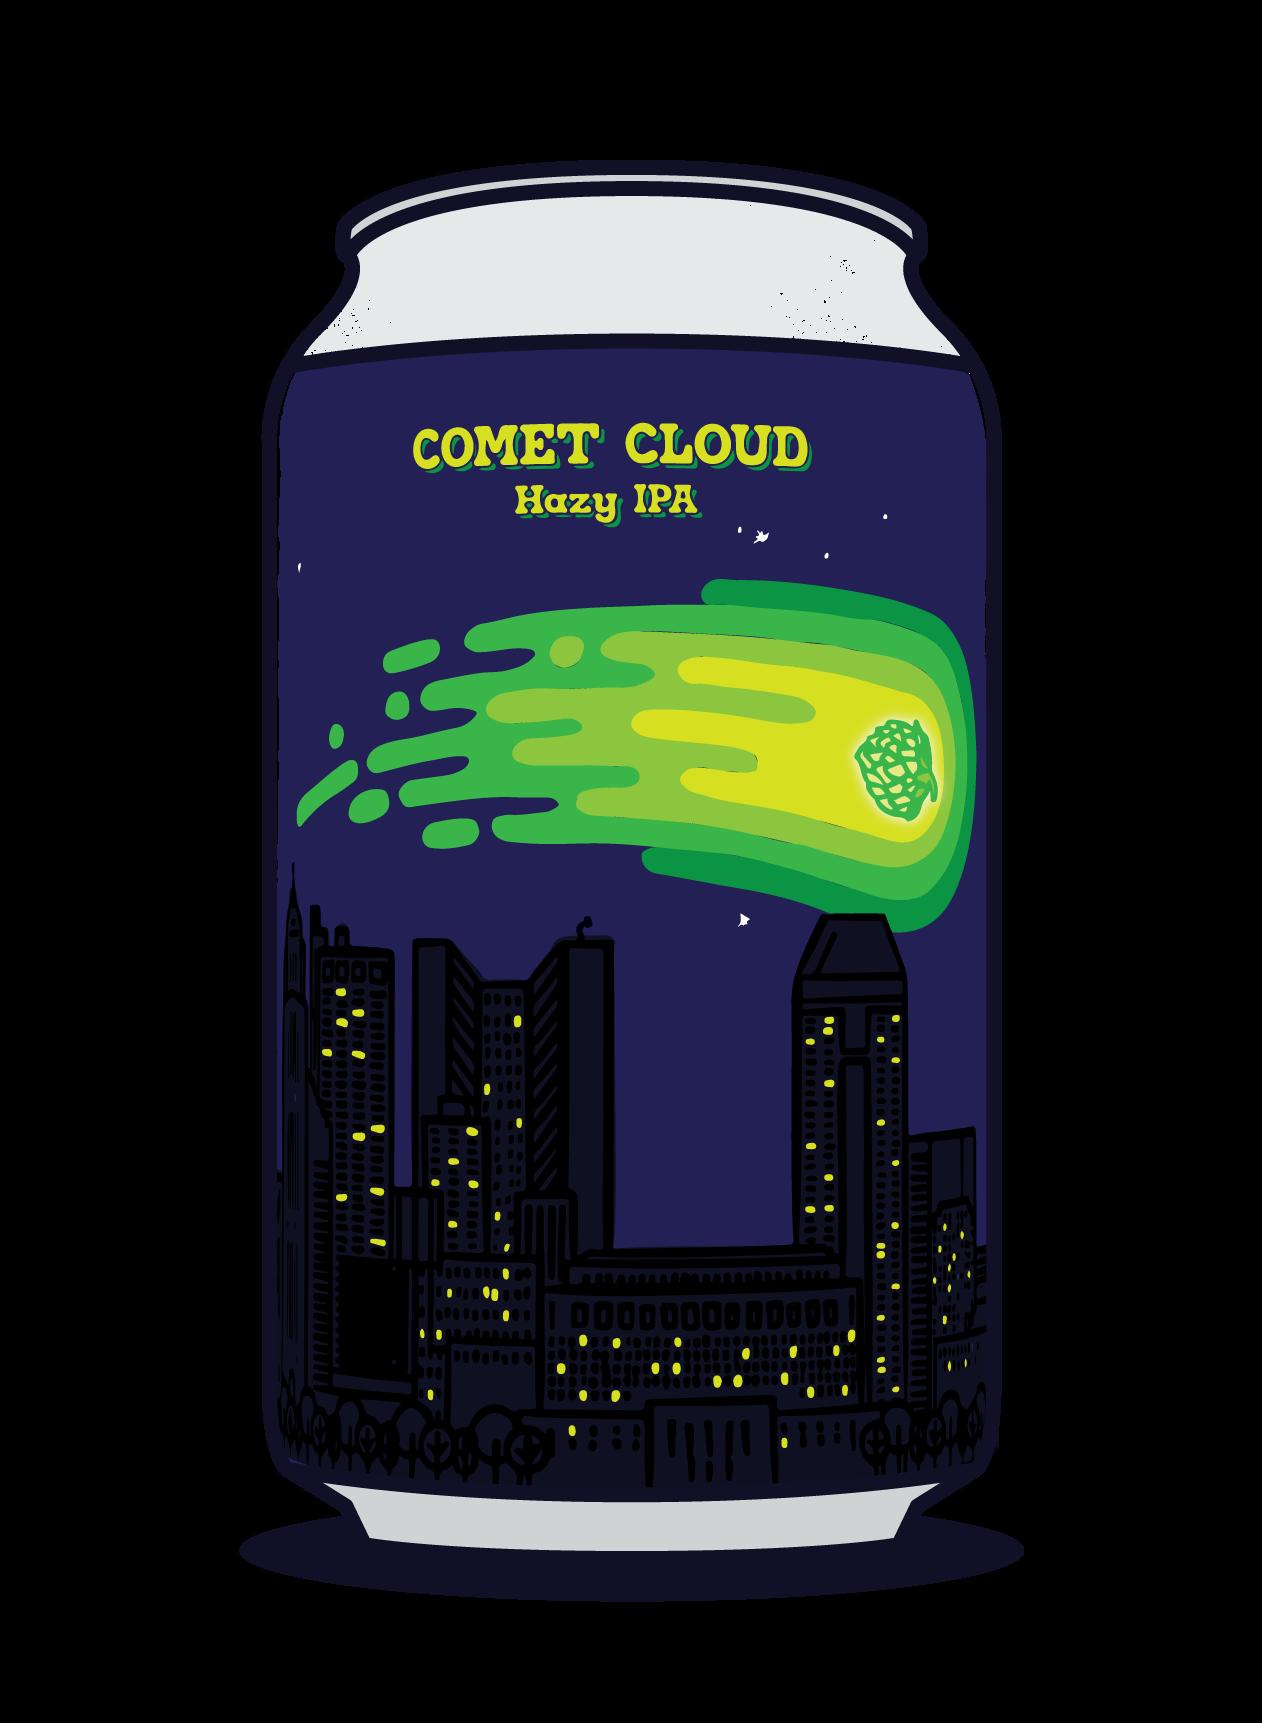 Comet Cloud Image